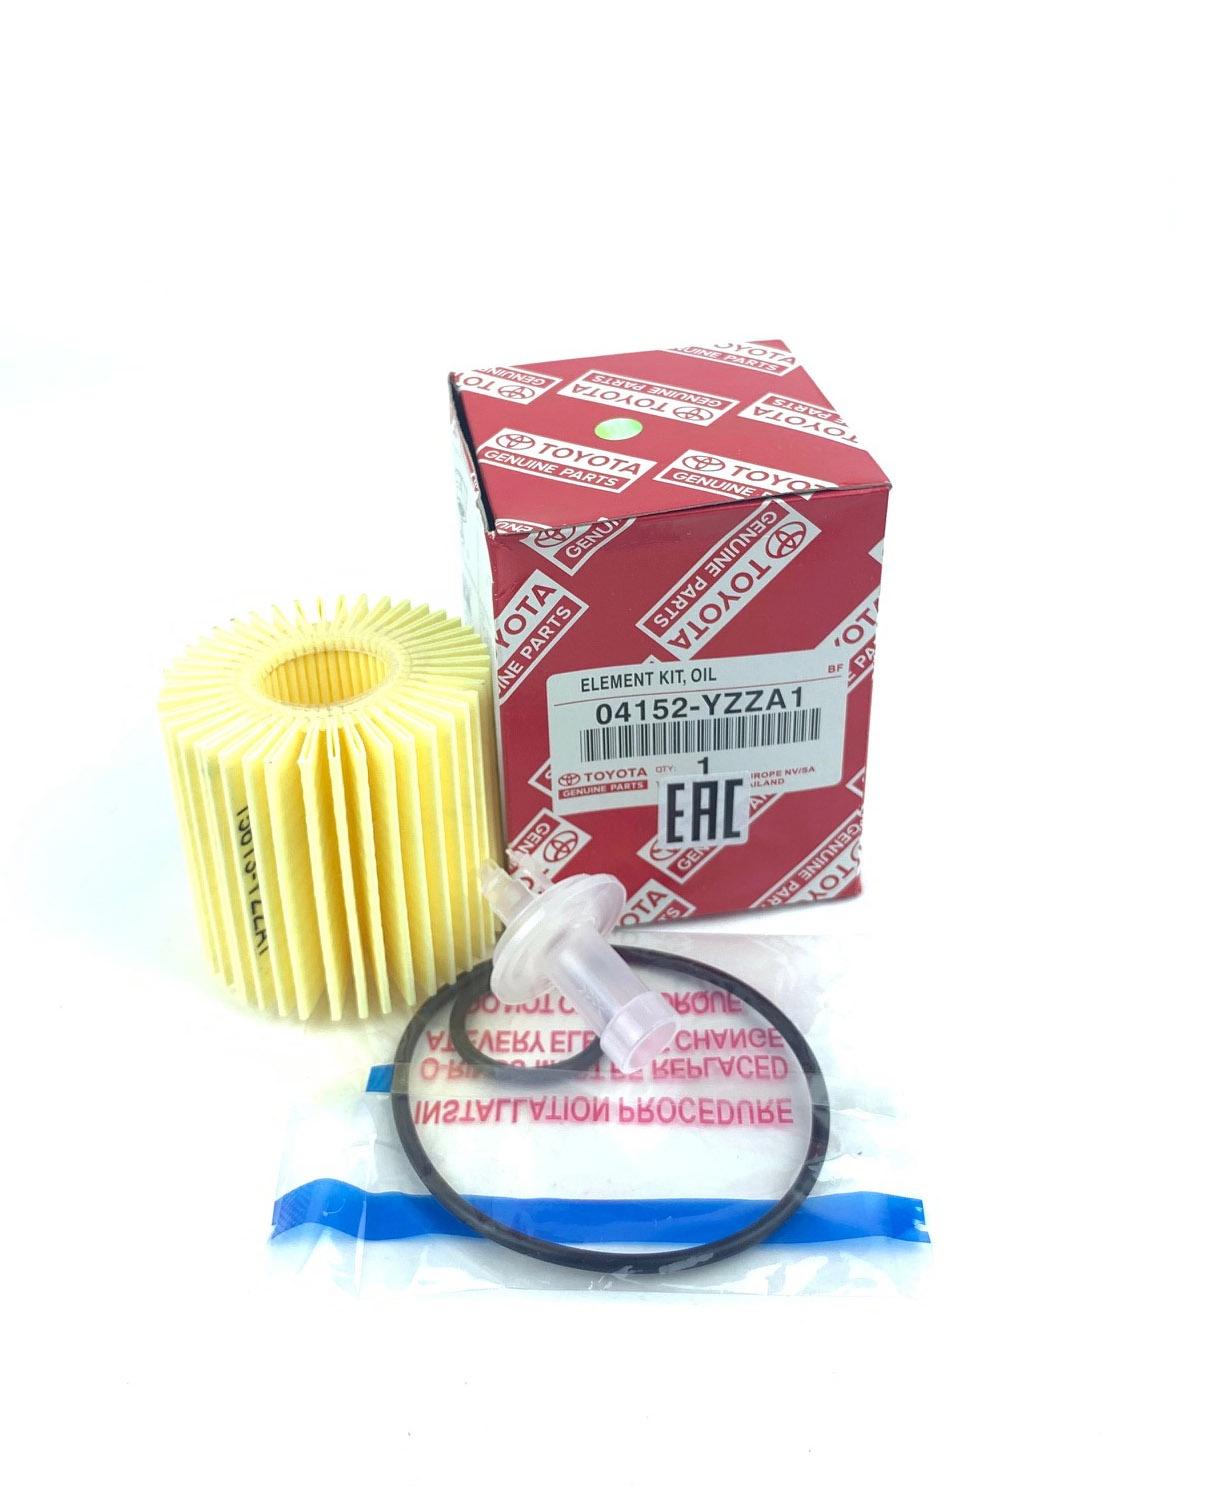 Масляный фильтр Toyota 04152-YZZA1 валик fit 04152